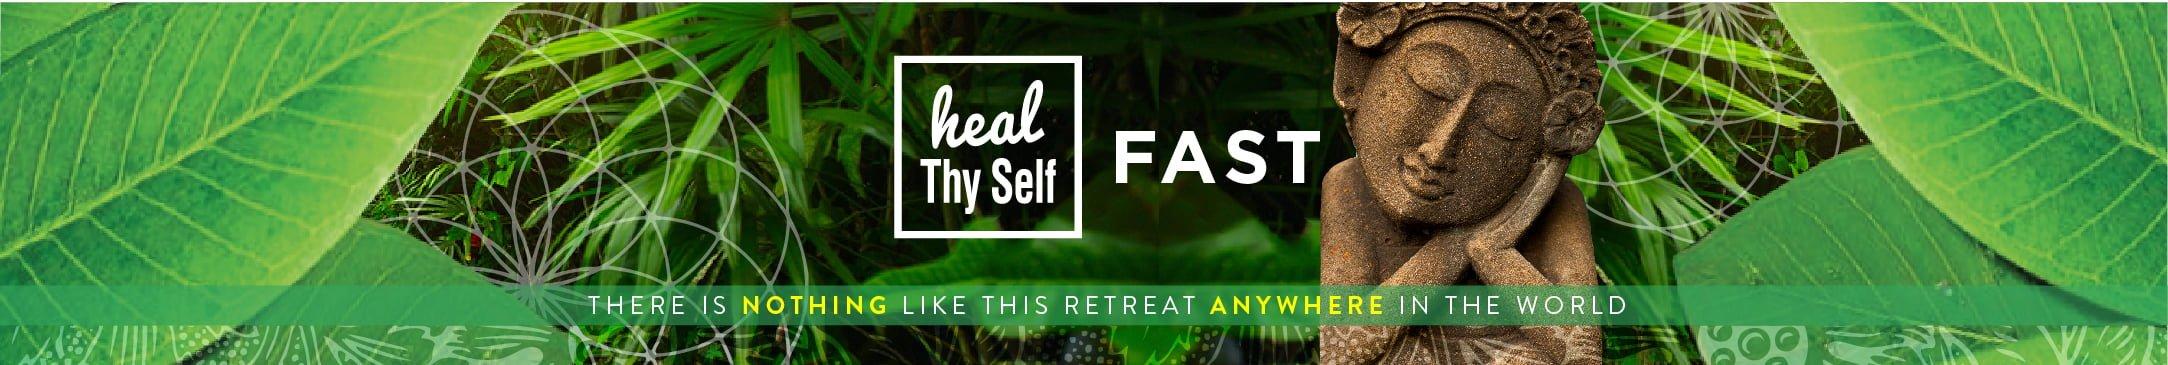 heal thy self fast